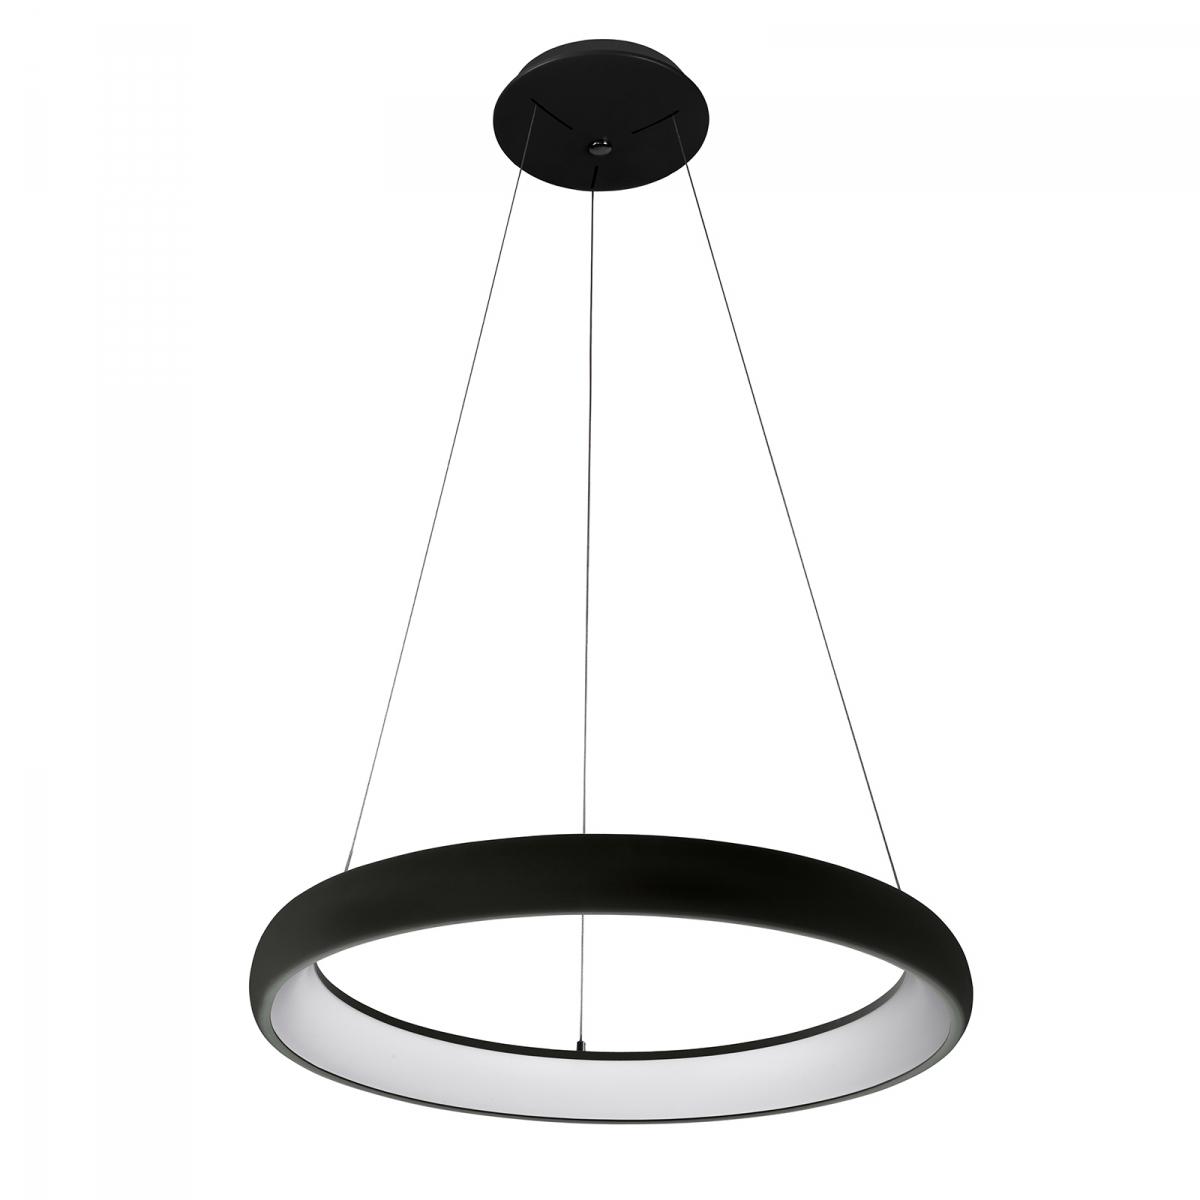 NOWOCZESNY LAMPA WISZĄCA LED OKRĄG KOŁO ITALUX ALESSIA 5280 850RP BK 3 CZARNA